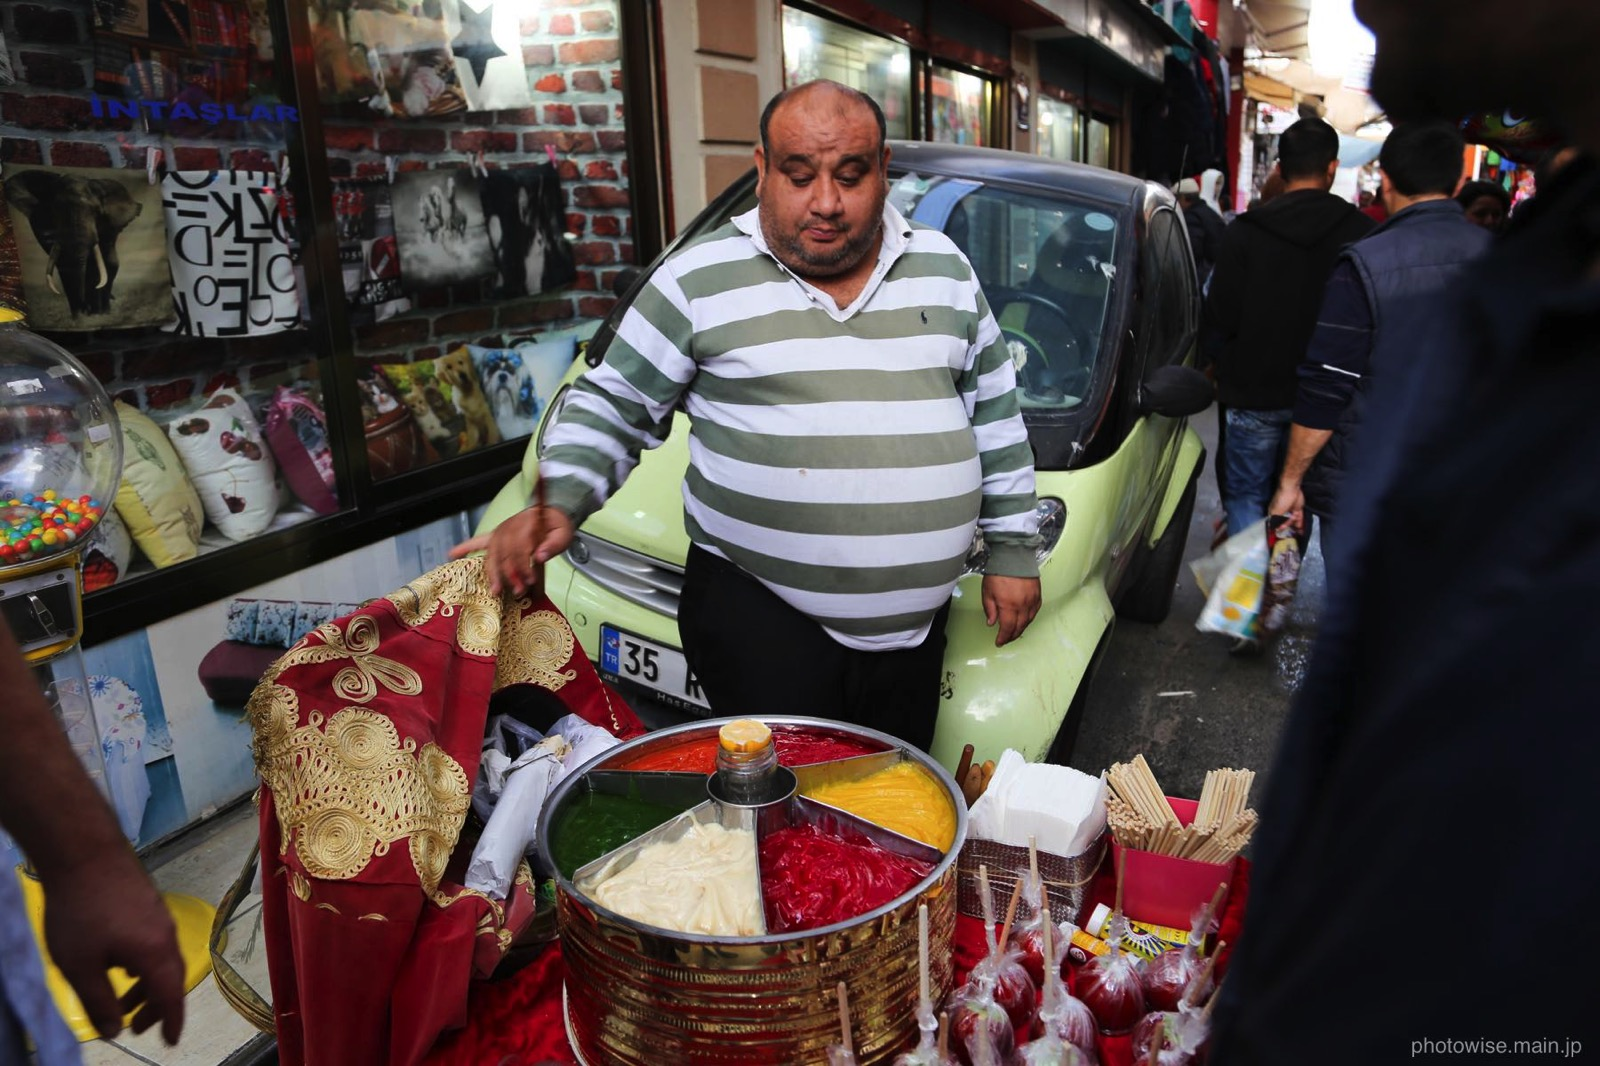 道端で売っていた伝統的なお菓子